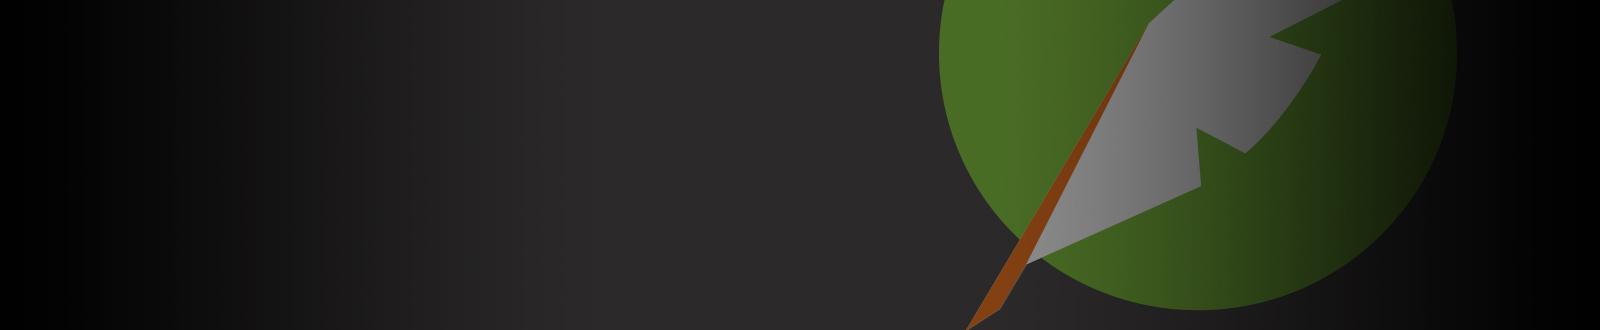 narratives for tableau banner logo